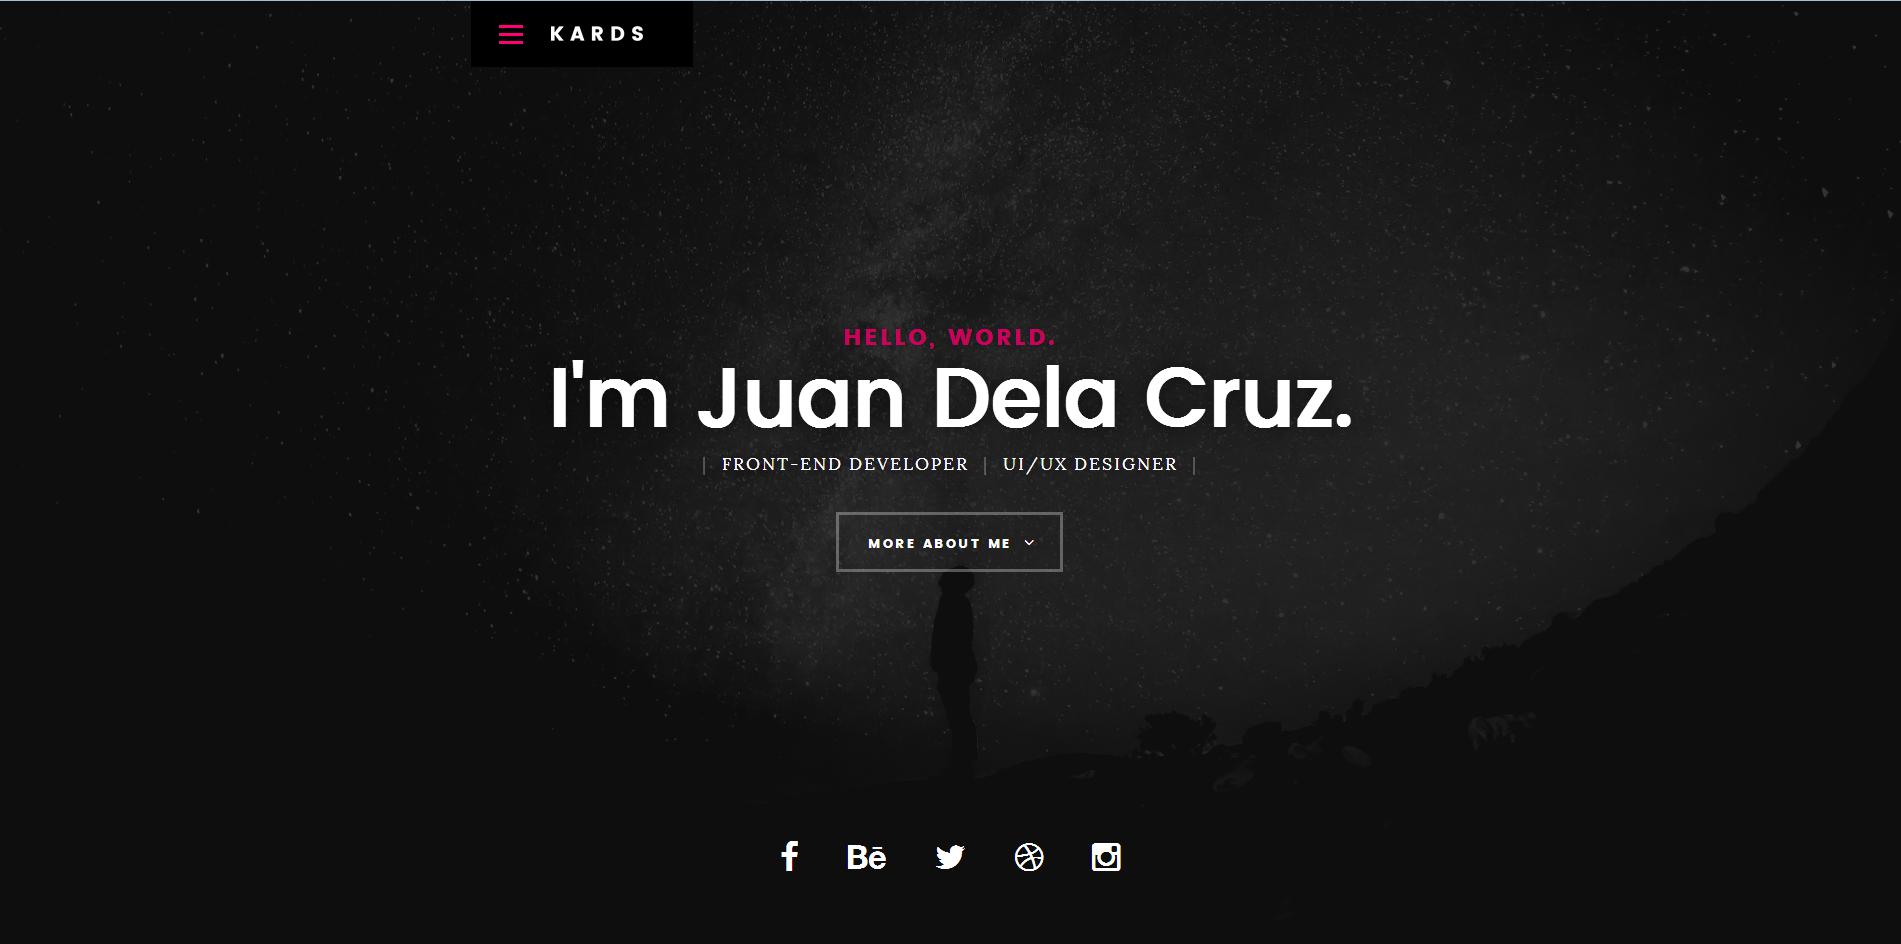 黑色全屏responsive博客web简历模板